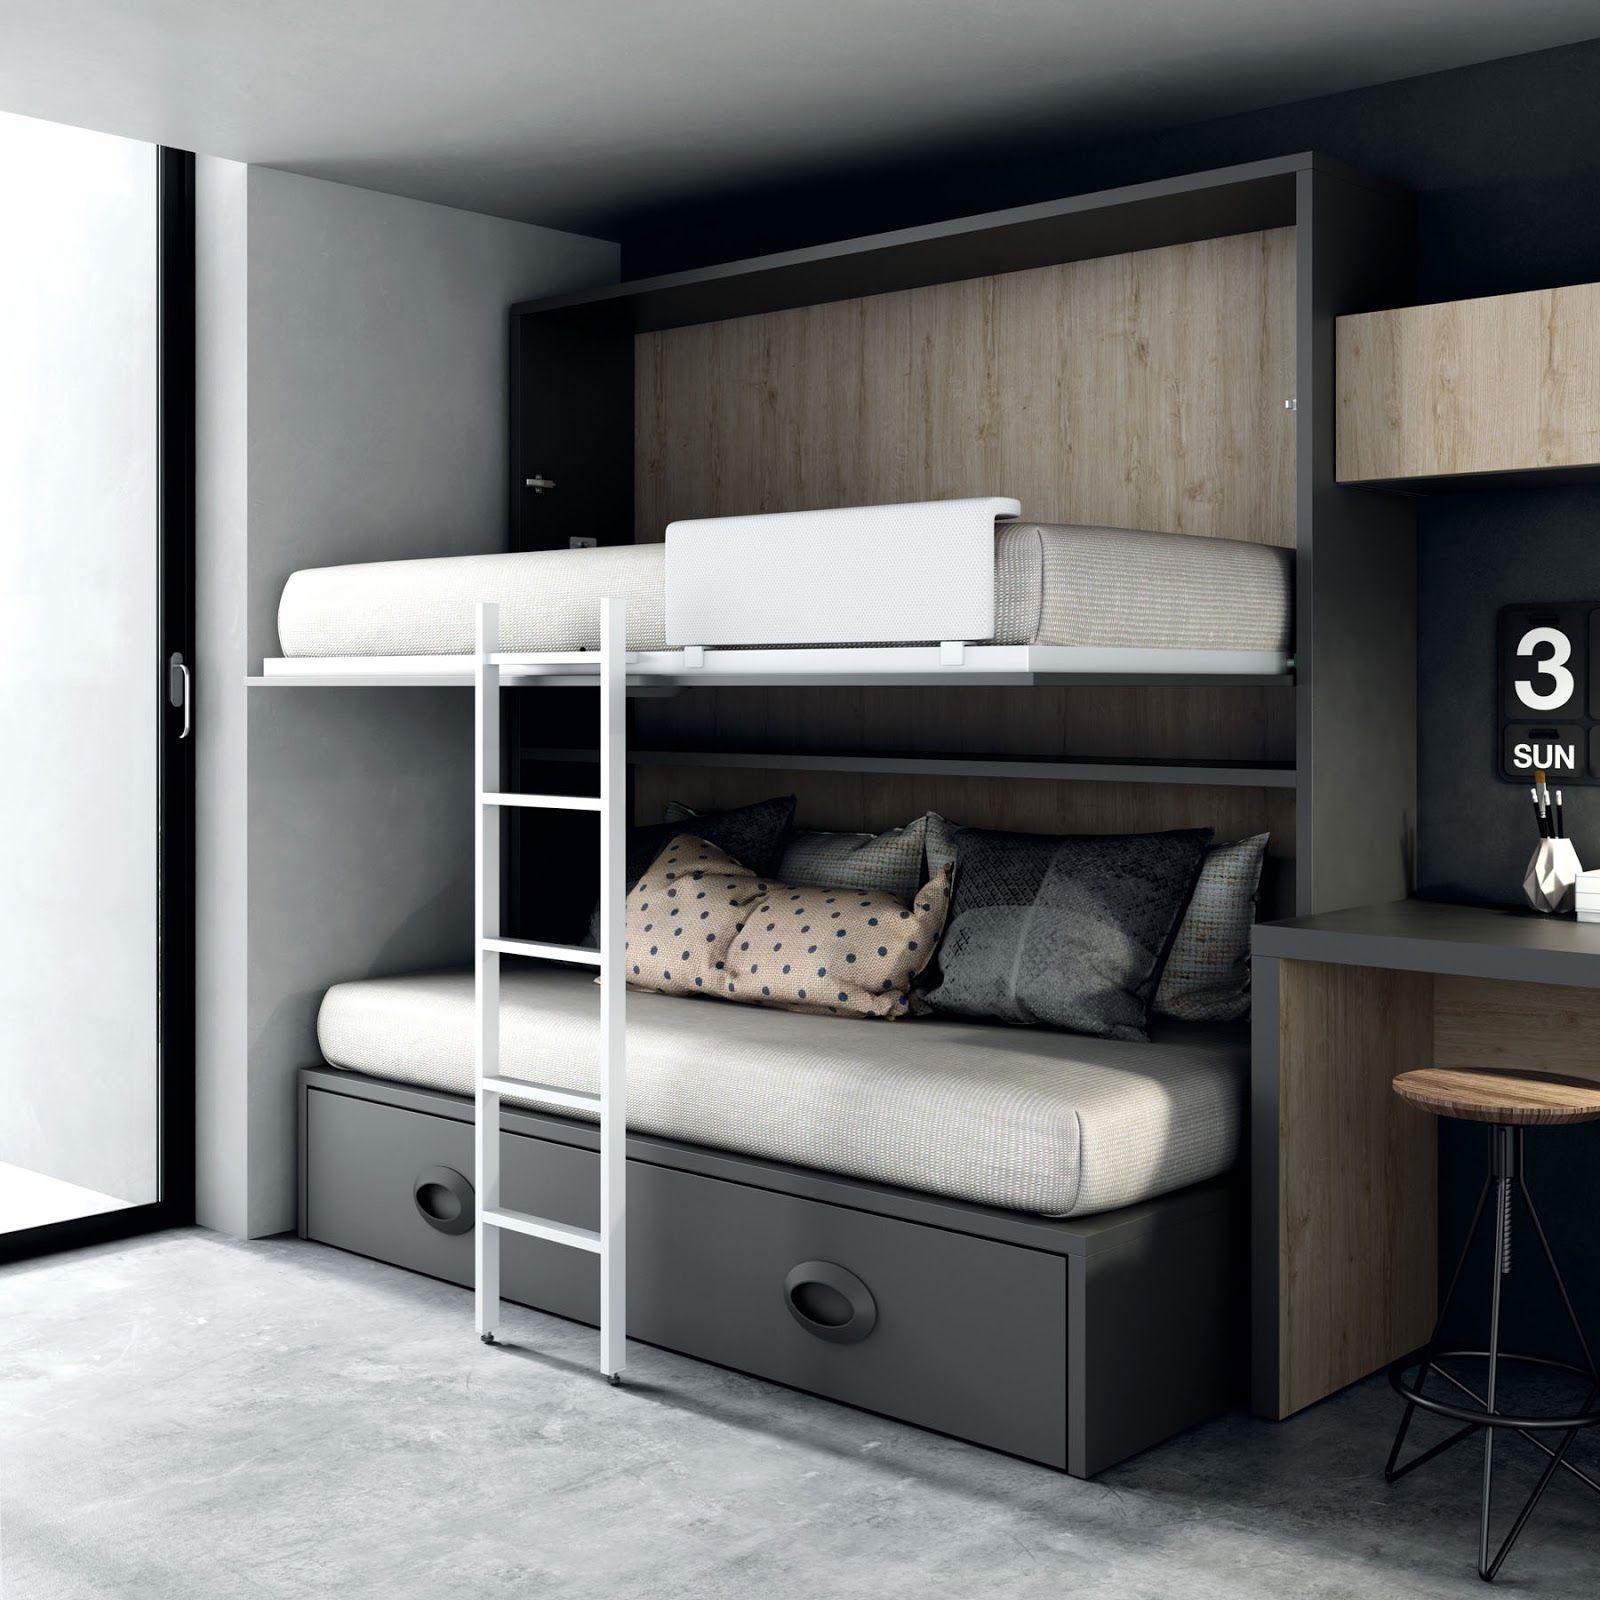 Dormitorios juveniles habitaciones infantiles y mueble for Fabrica de muebles juveniles en madrid